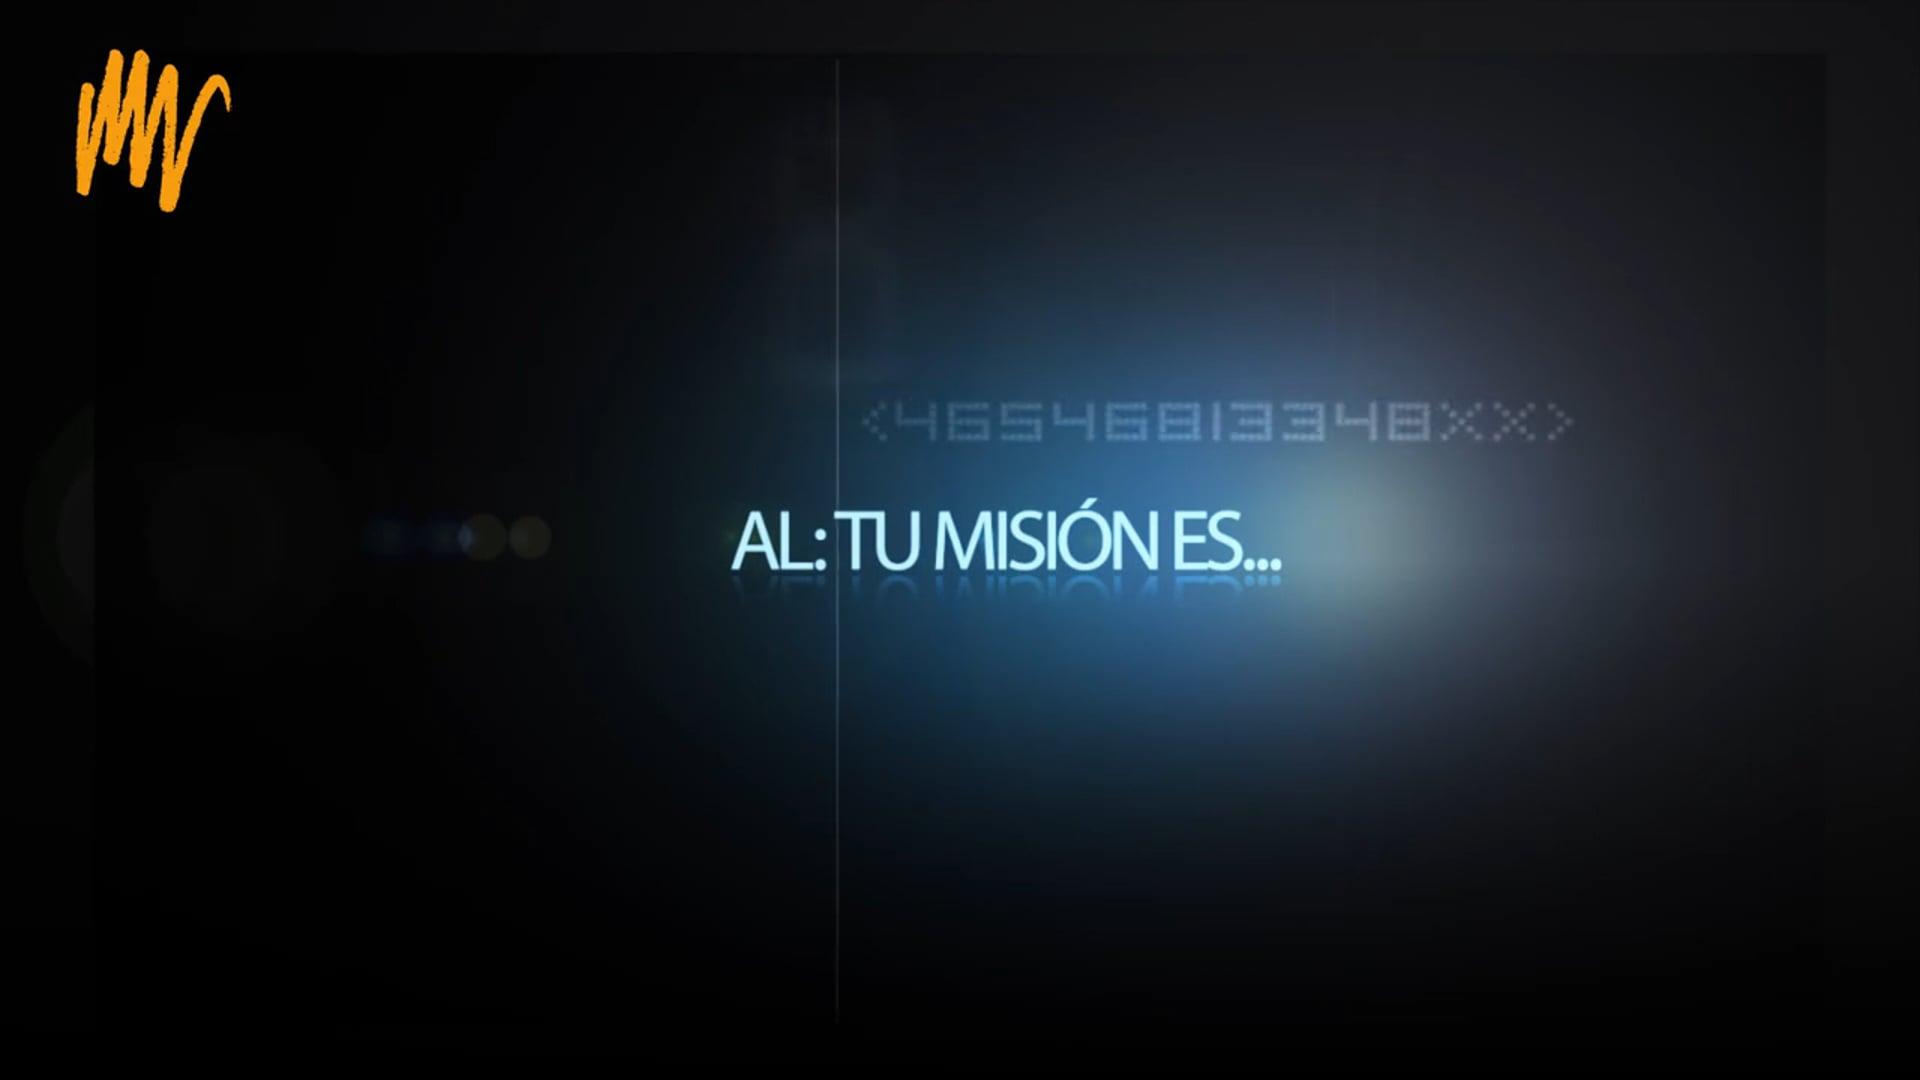 AL Events- Espacio que vuela